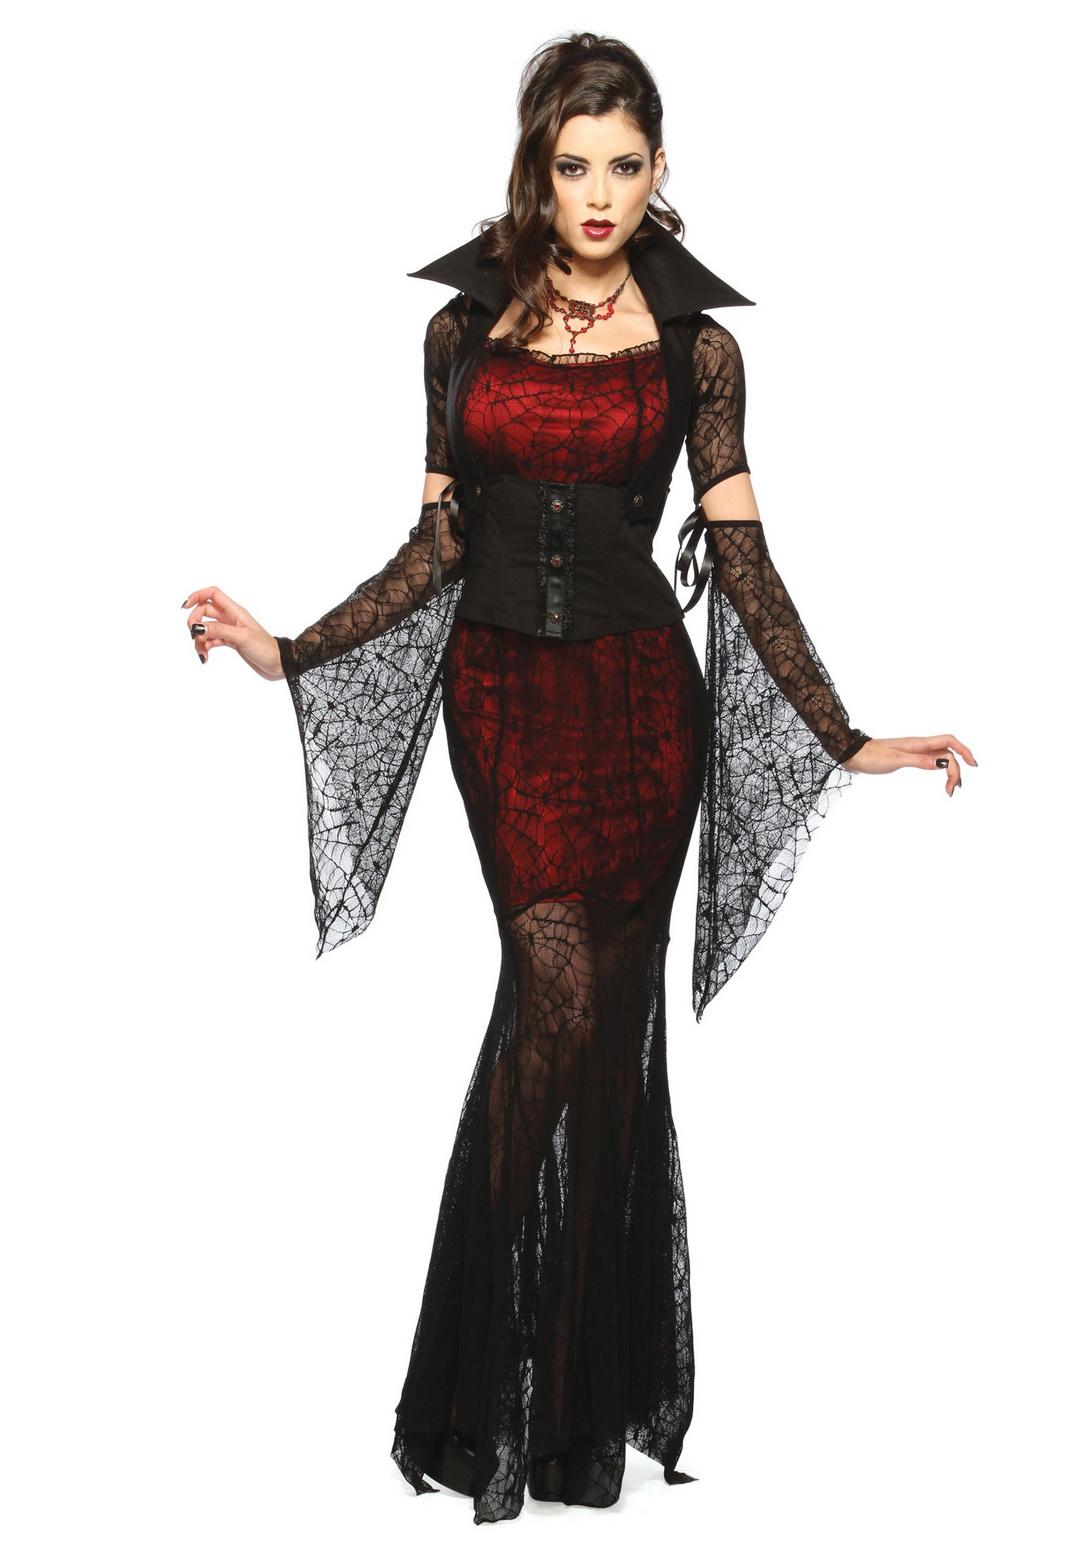 Adult Female Vampire Costume